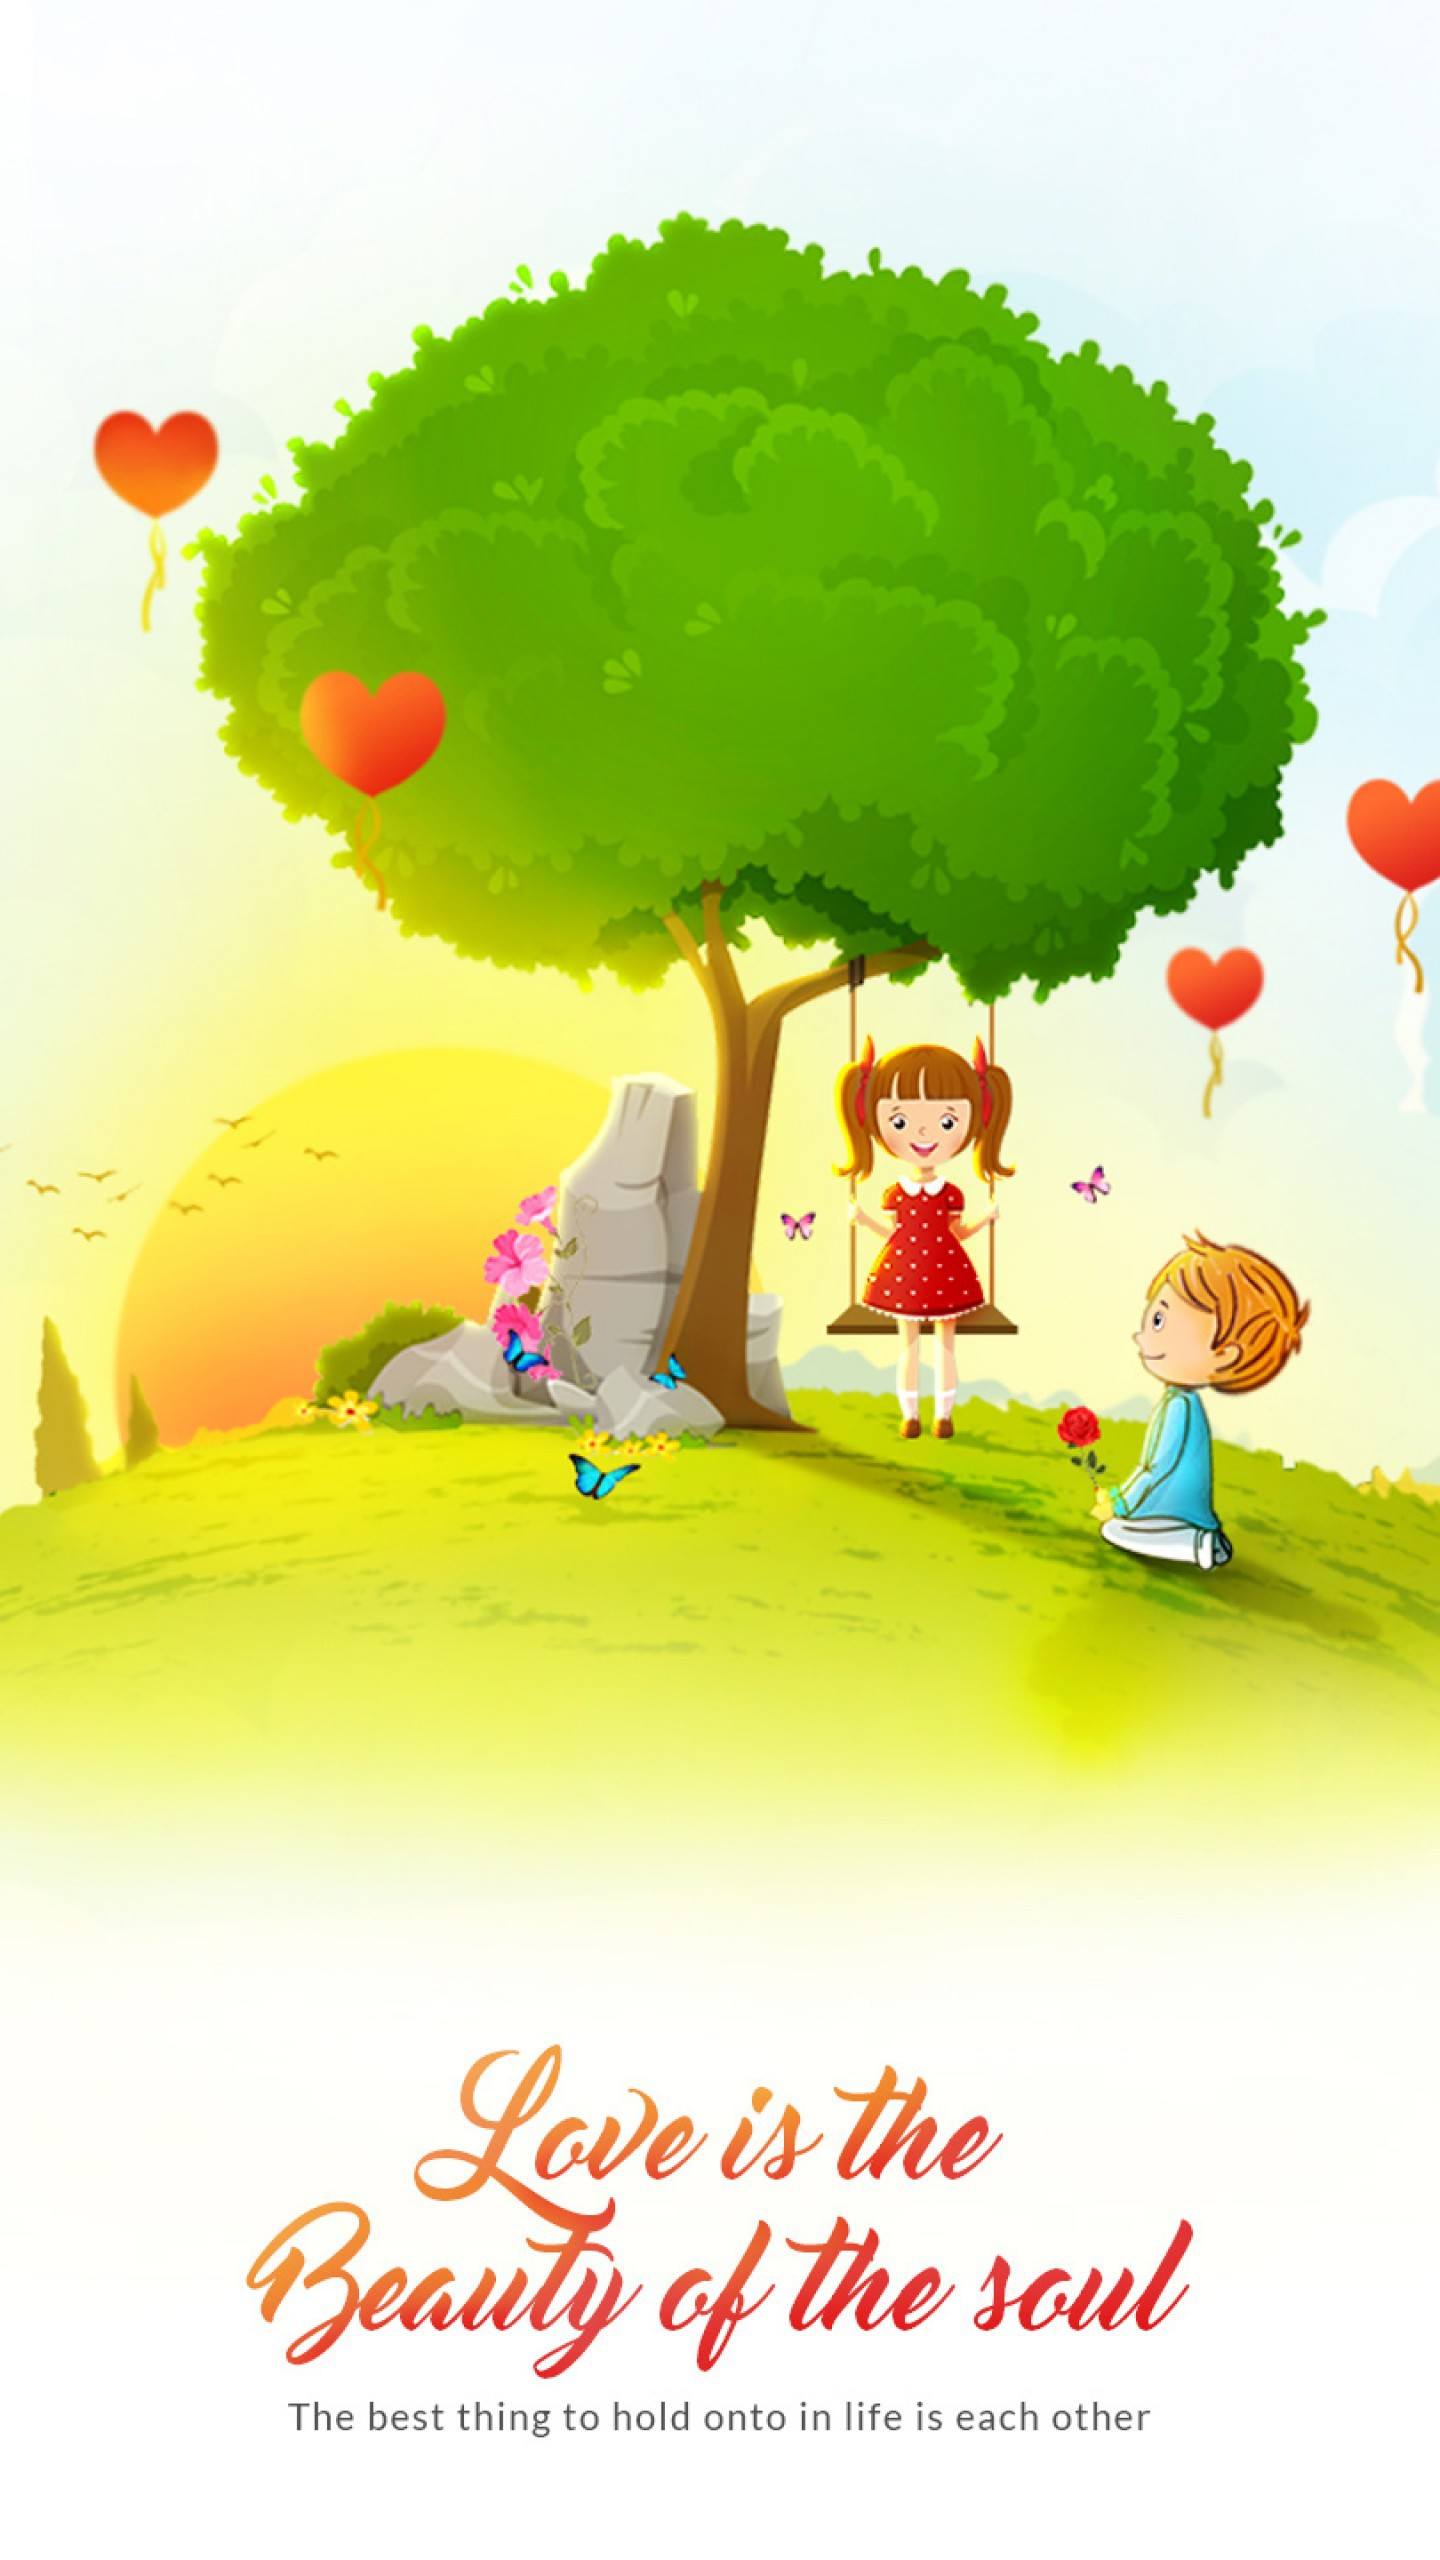 عکس زمینه کودکان و بادکنک هایی به شکل قلب پس زمینه